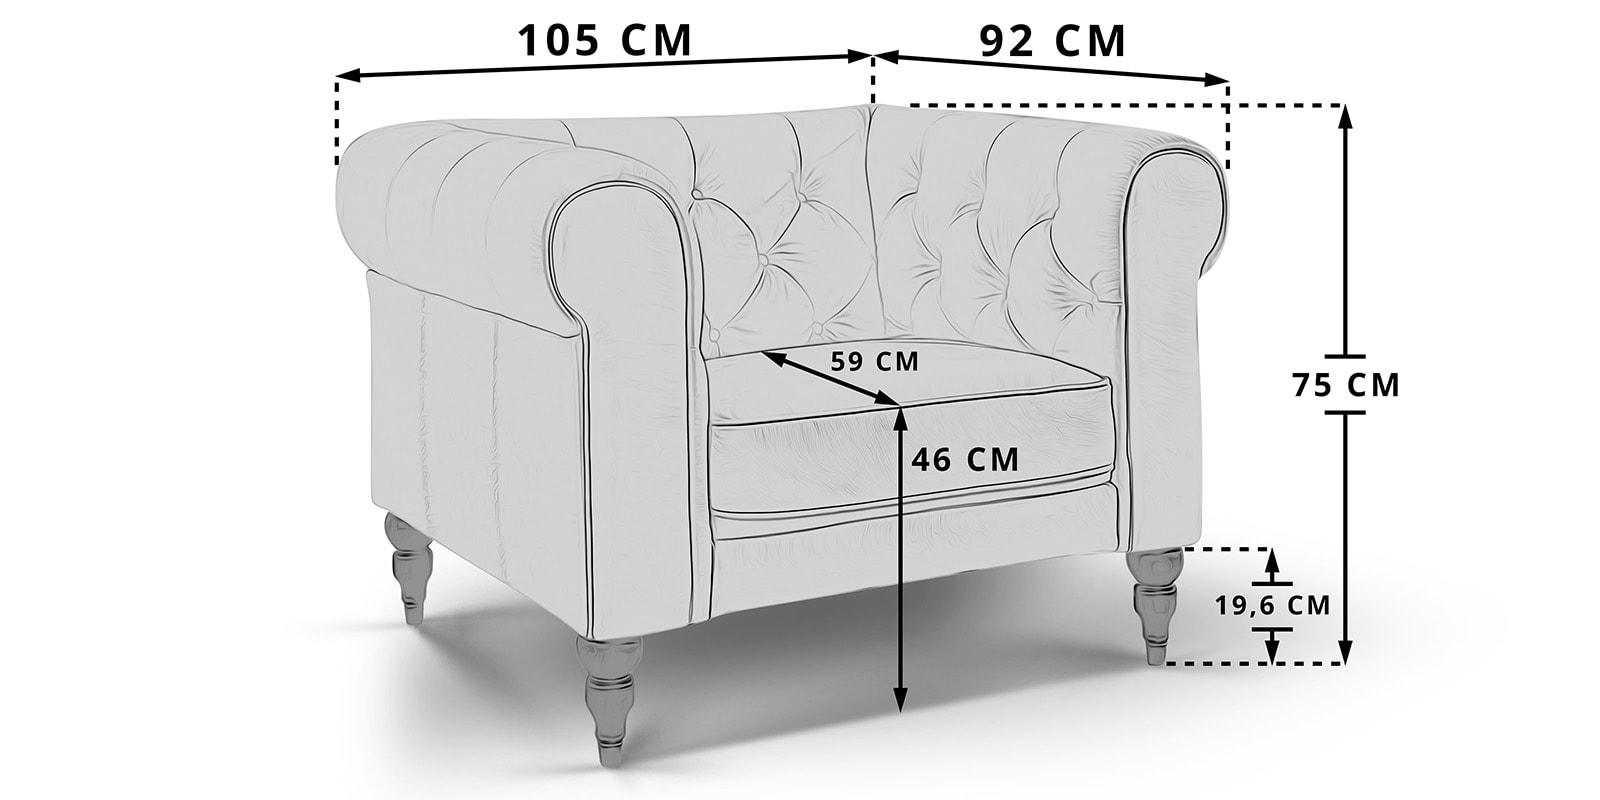 Moebella24 - 1-Sitzer - Sessel - Hudson - Chesterfield - Skizze - Maße